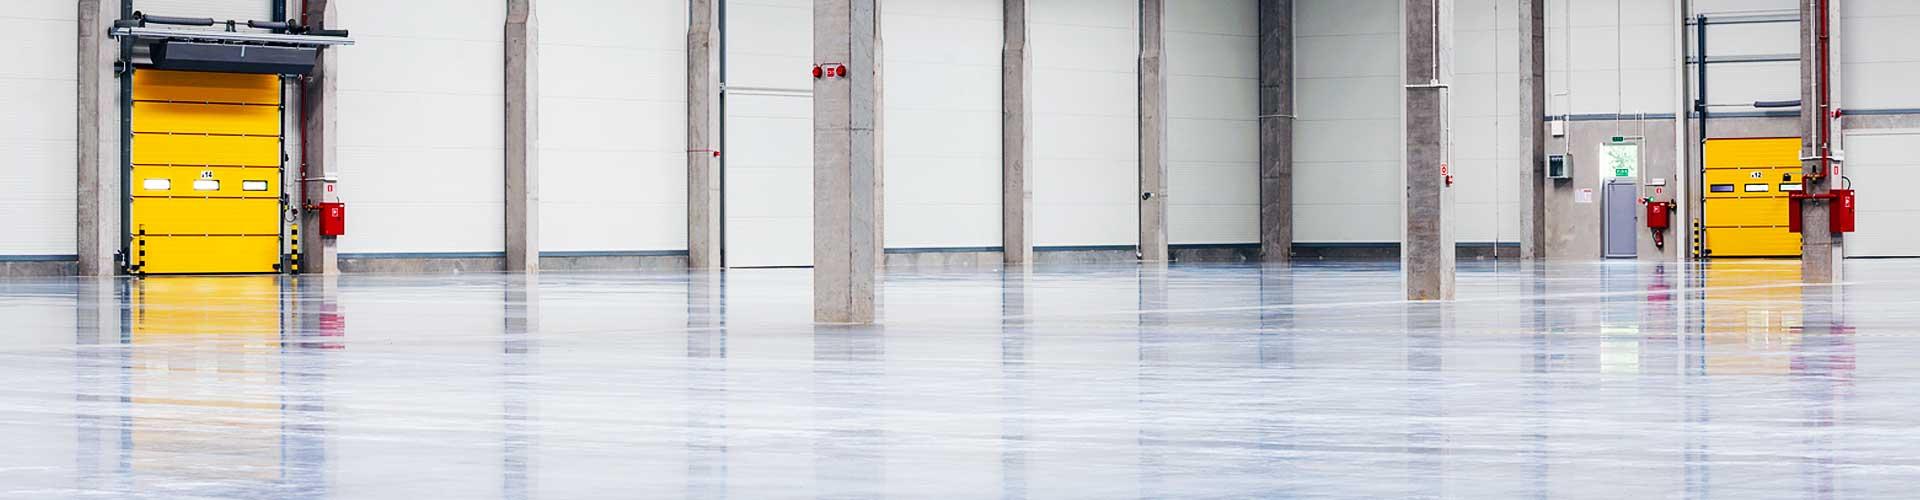 Puertas industriales autom ticas puertas y automatismos for Puertas y automatismos